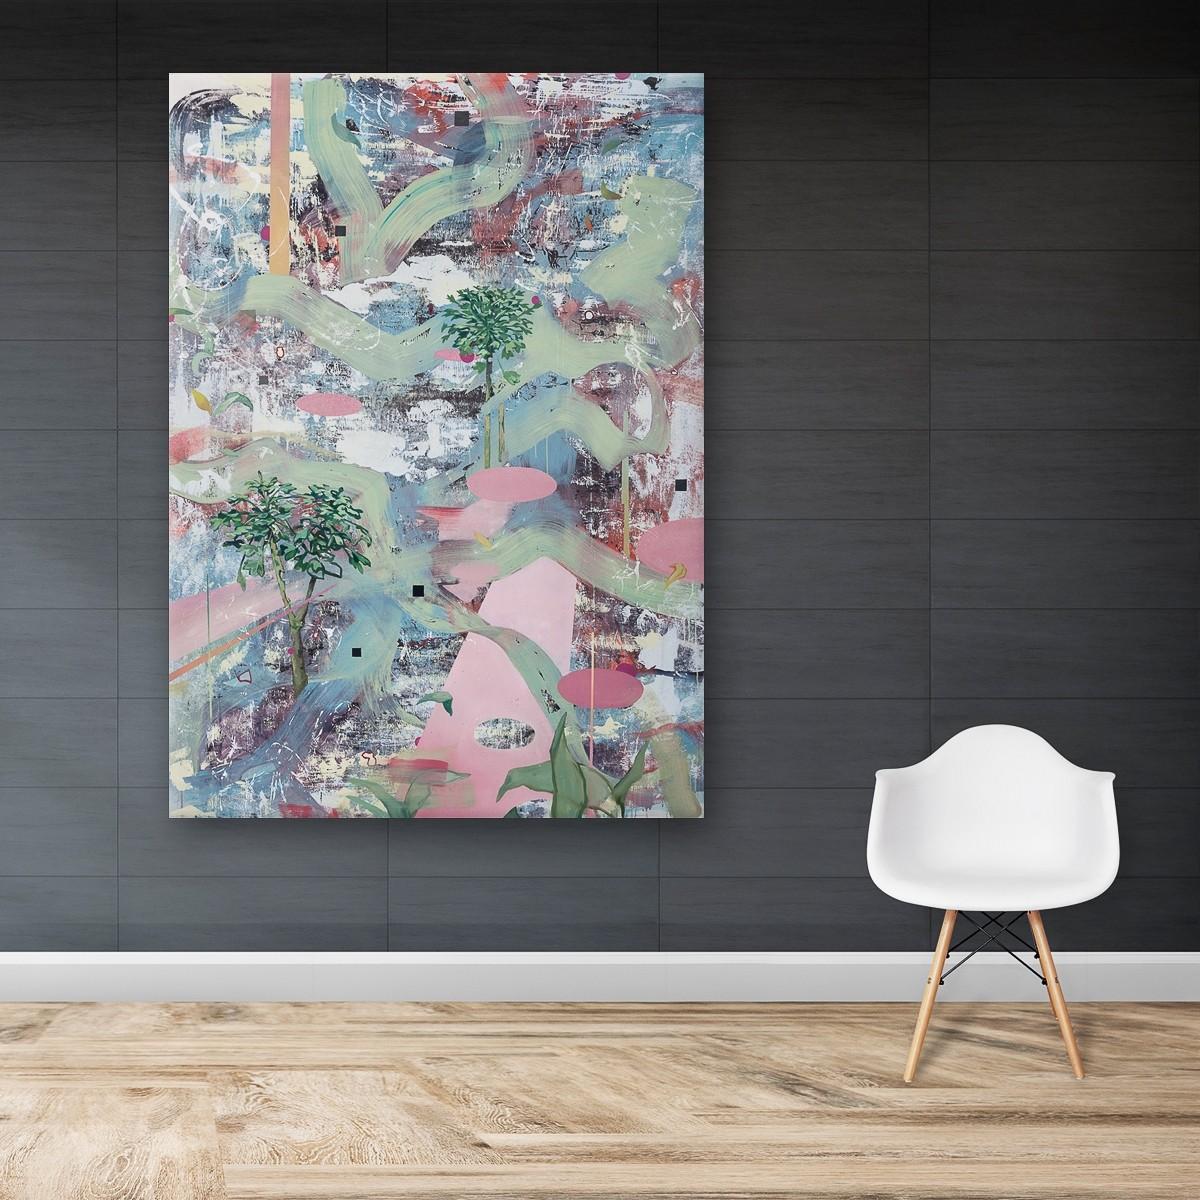 Spurensicherung_06, Malerei von Malwin Faber, Öl, Acryl und Sprühlack auf Leinwand - 02